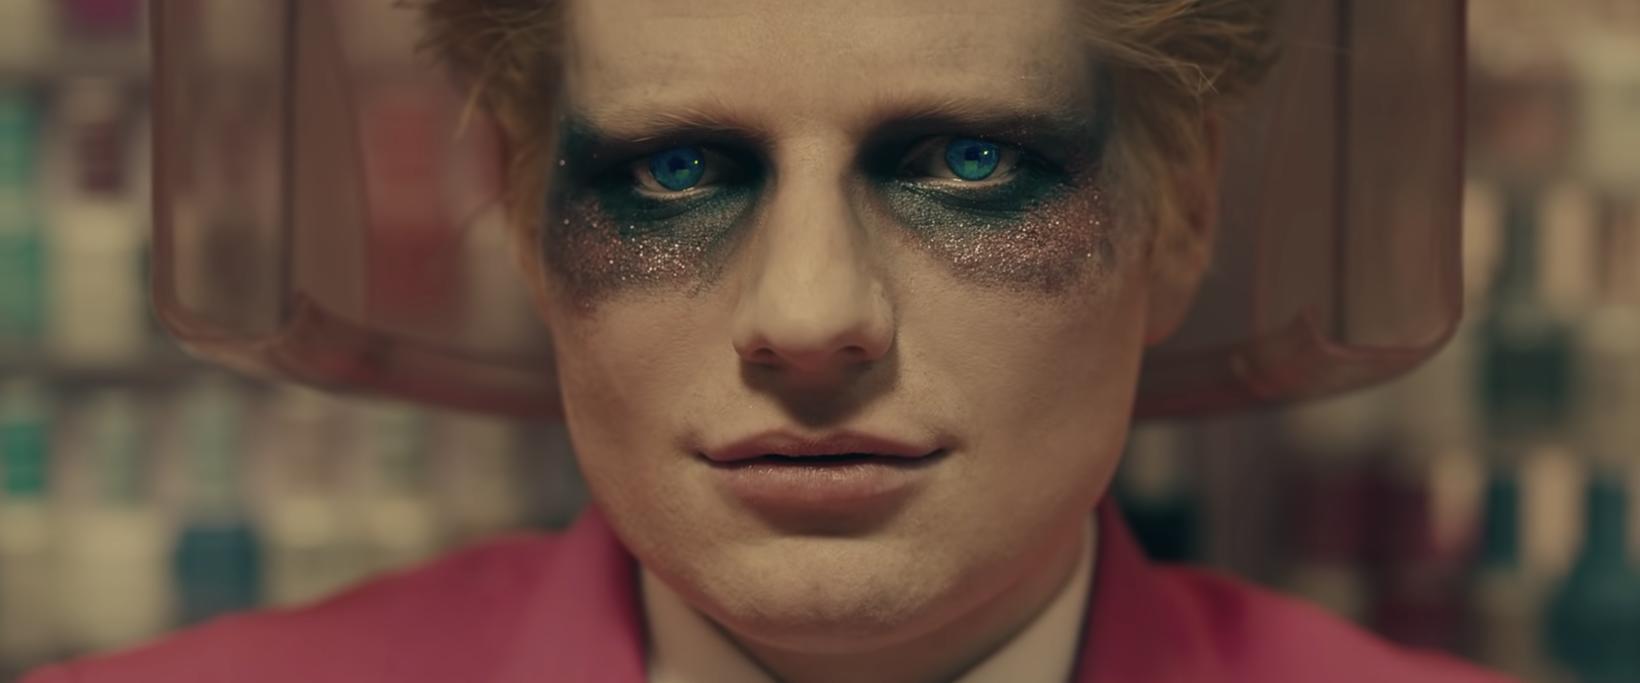 Ed Sheeran er ólíkur sjálfum sér í myndbandi við nýjasta …